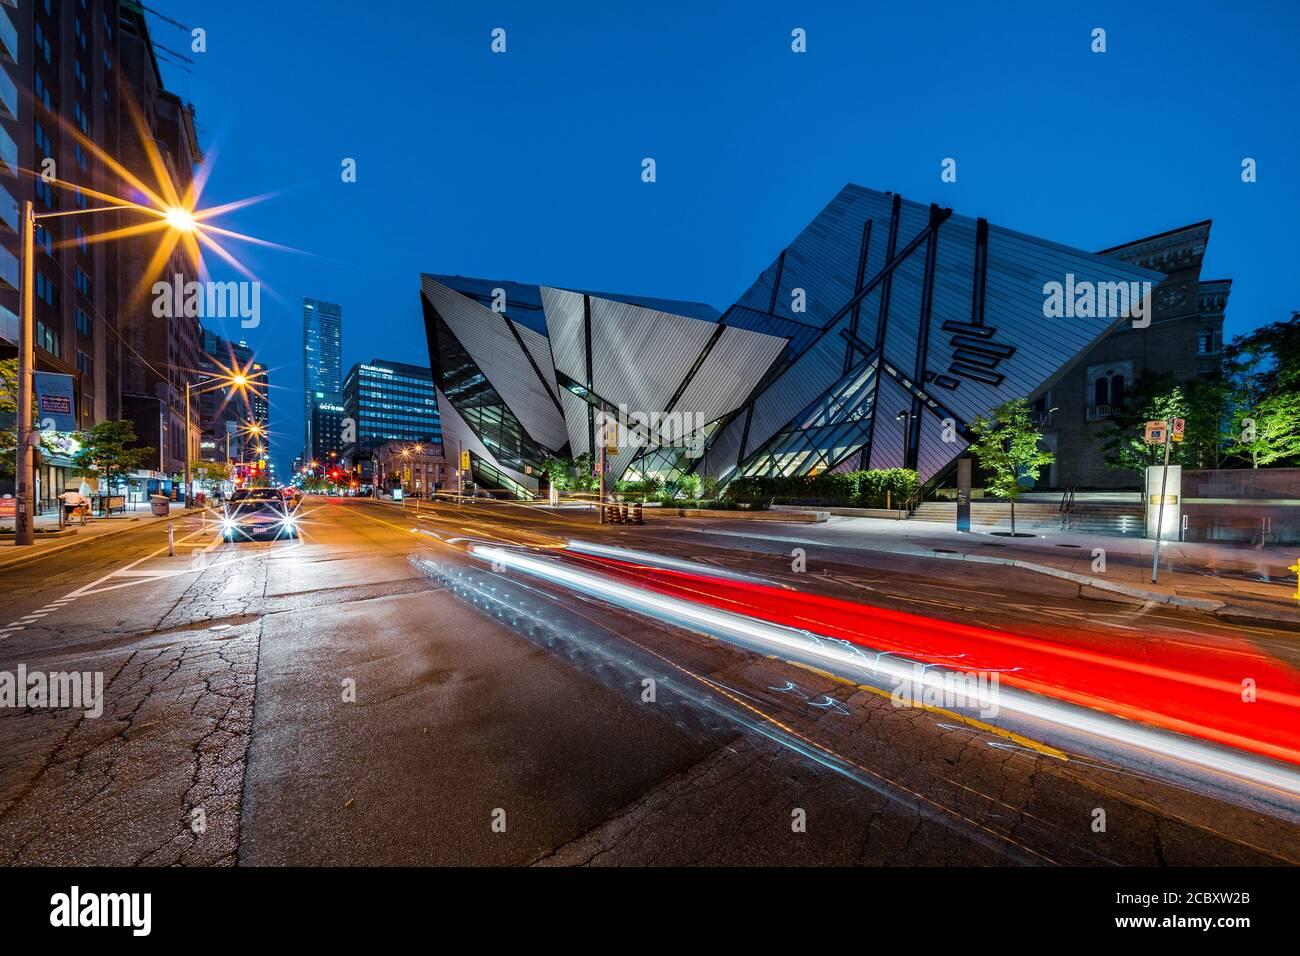 Nachtansicht des architektonischen Wahrzeichen Royal Ontario Museum alias das ROM in Toronto, Ontario, Kanada. Stockfoto